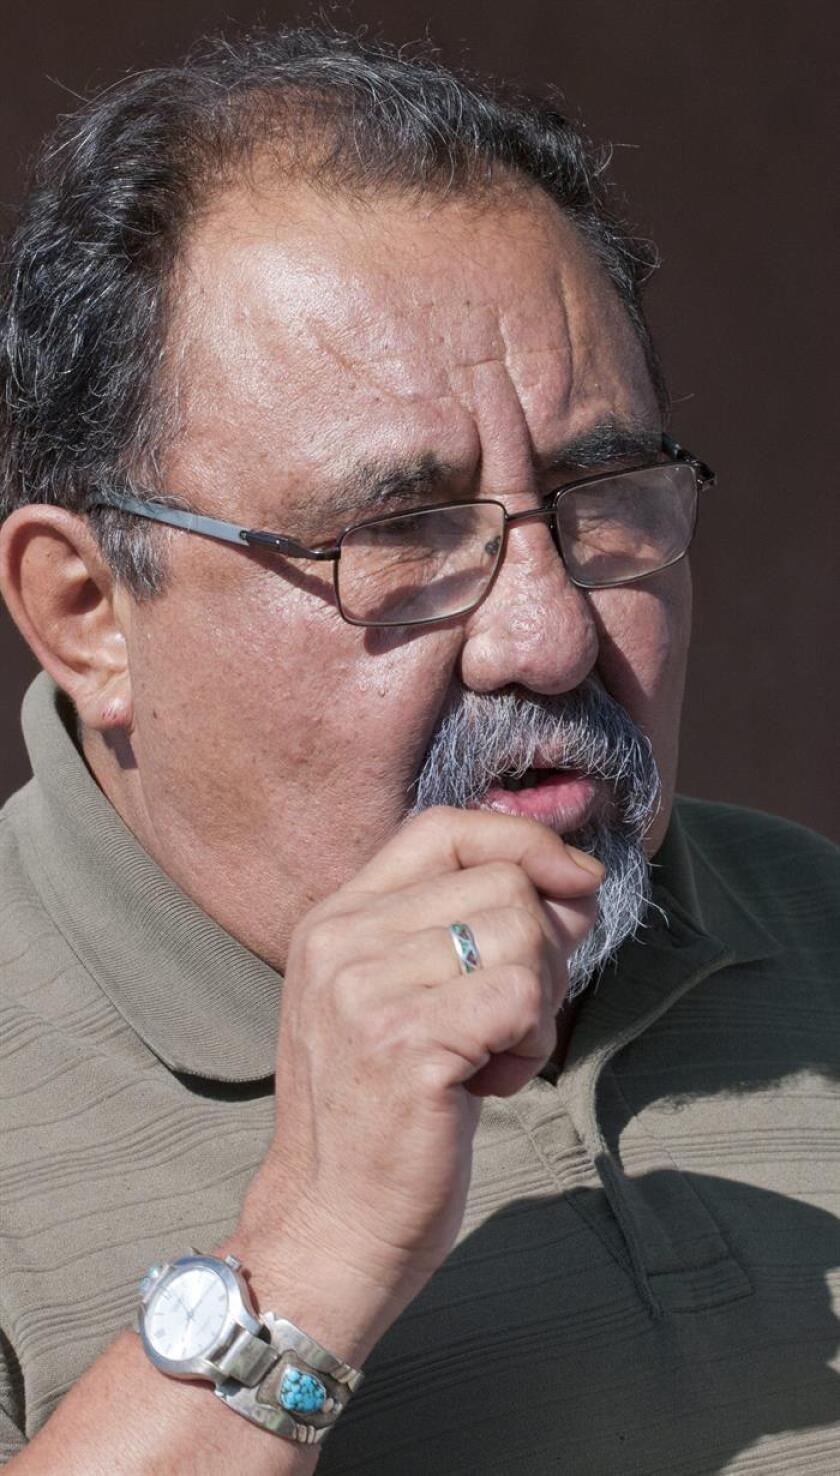 El Congresista por Arizona Raúl Grijalva hizo hoy un llamado para que como parte de las negociaciones para el presupuesto federal se otorguen fondos para los centros comunitarios de salud del país, que atienden a más de 27 millones de personas. EFE/ARCHIVO